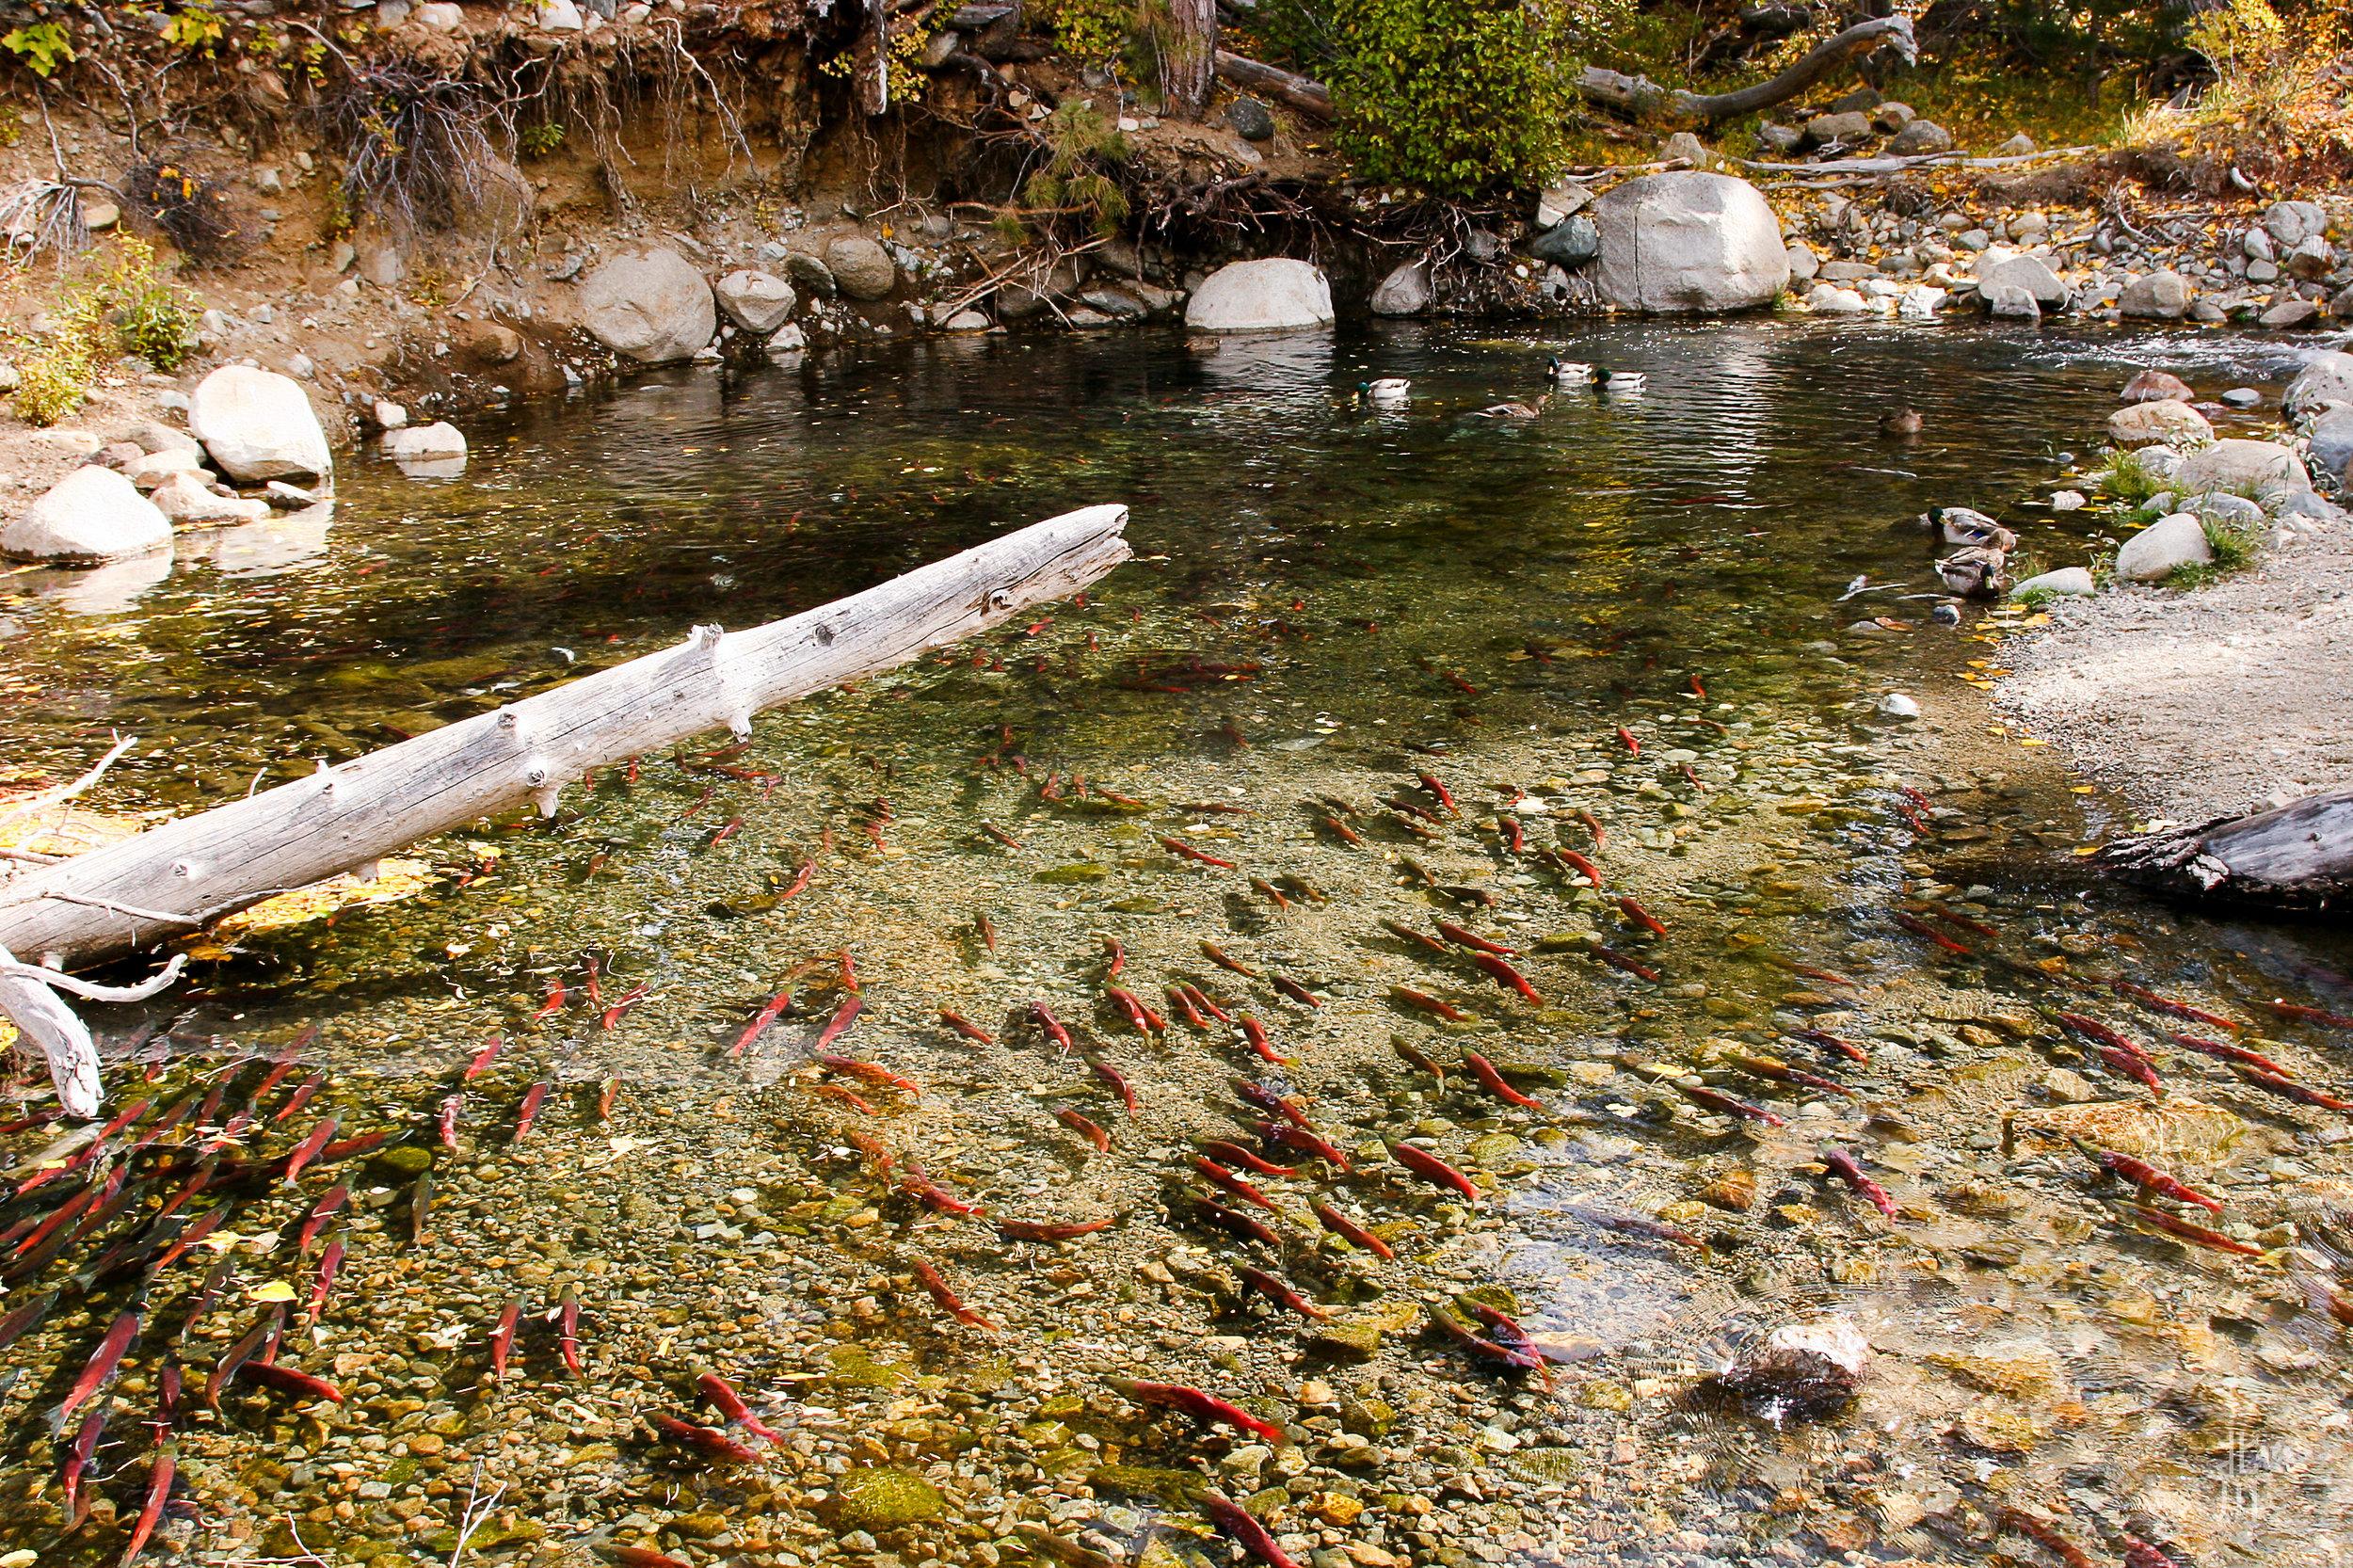 Salmon spawn.